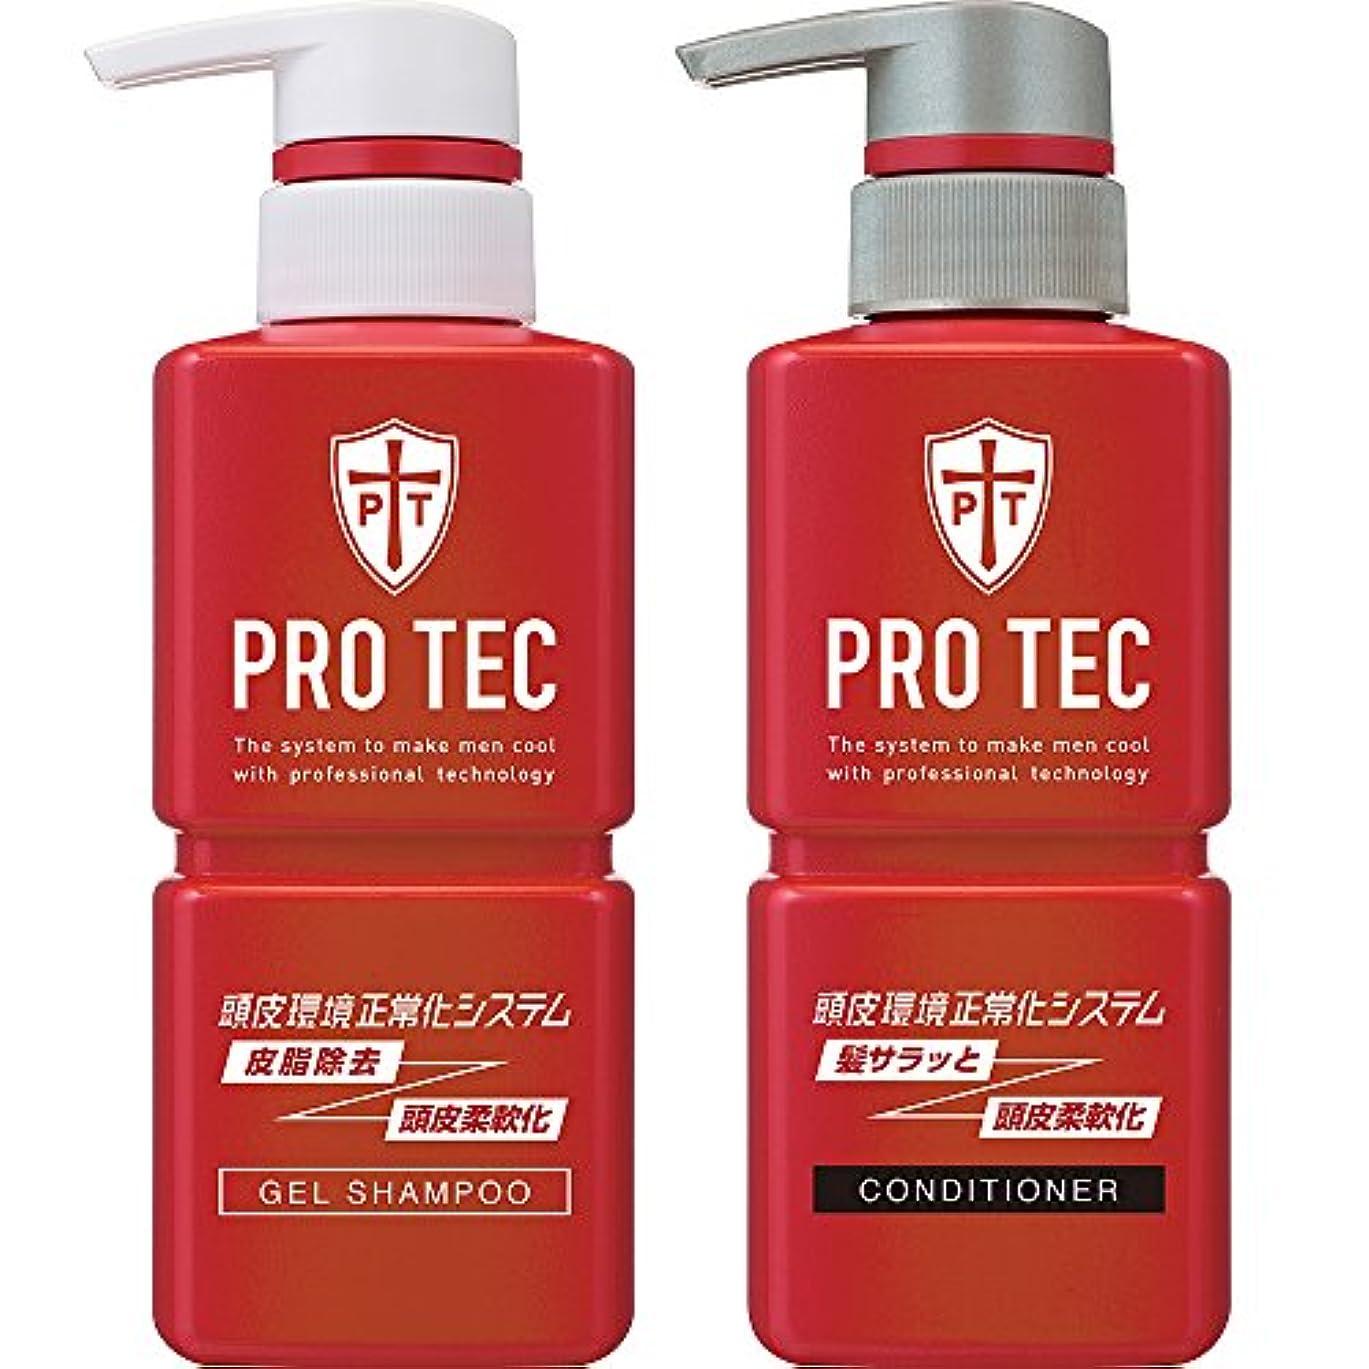 うねるファシズム分離するPRO TEC(プロテク) 頭皮ストレッチ シャンプー ポンプ 300g(医薬部外品)+ コンディショナー ポンプ 300g